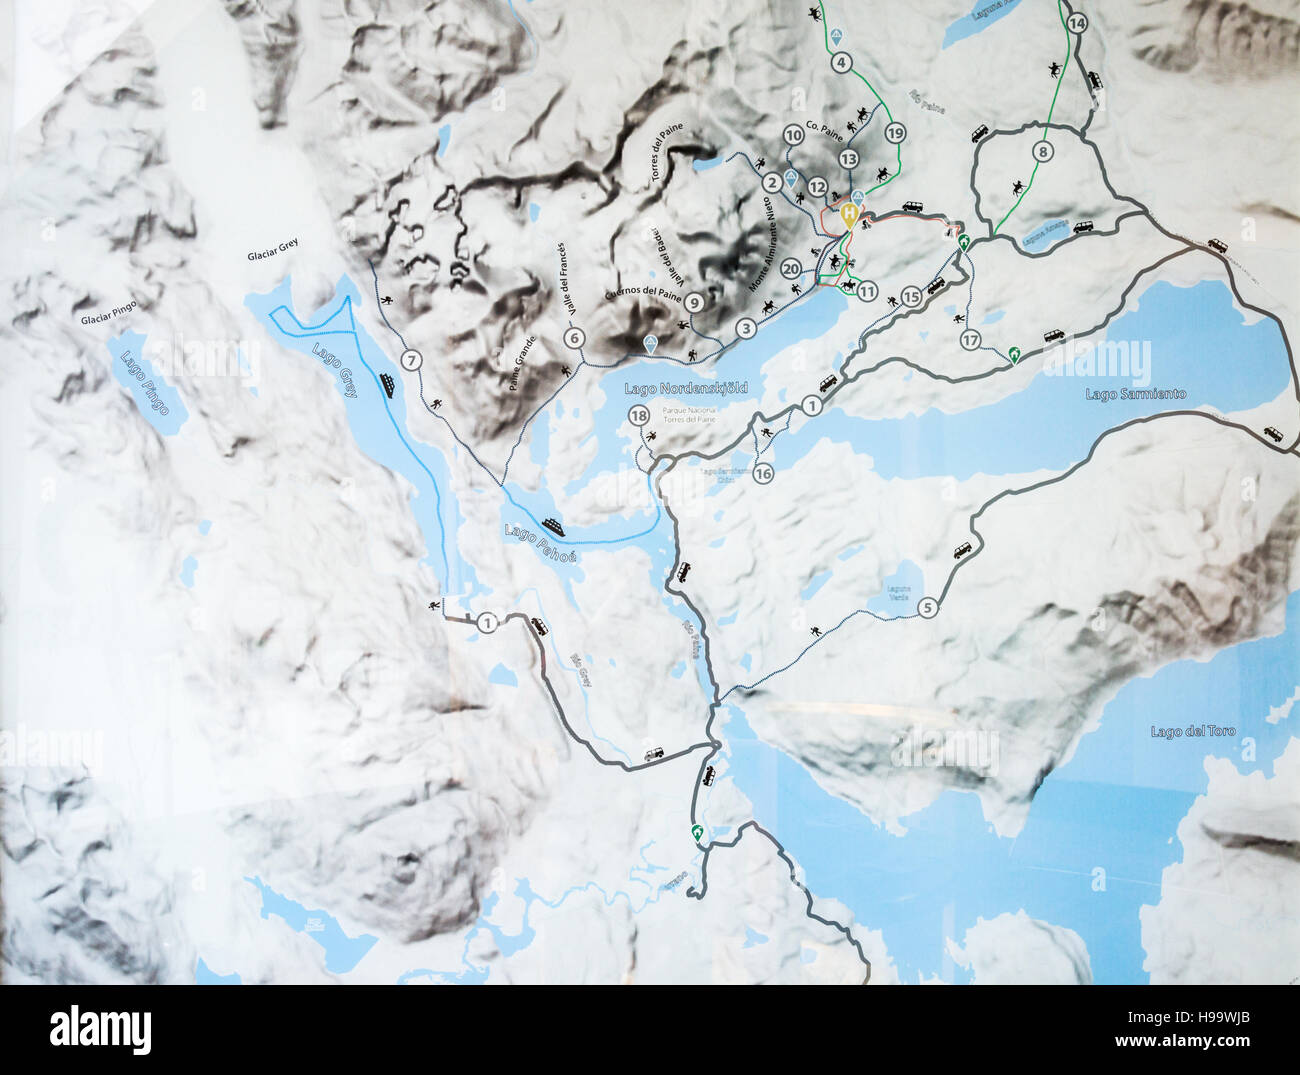 Patagonien Chile Trail Karte W Schaltung Stockfoto, Bild: 126222163 ...